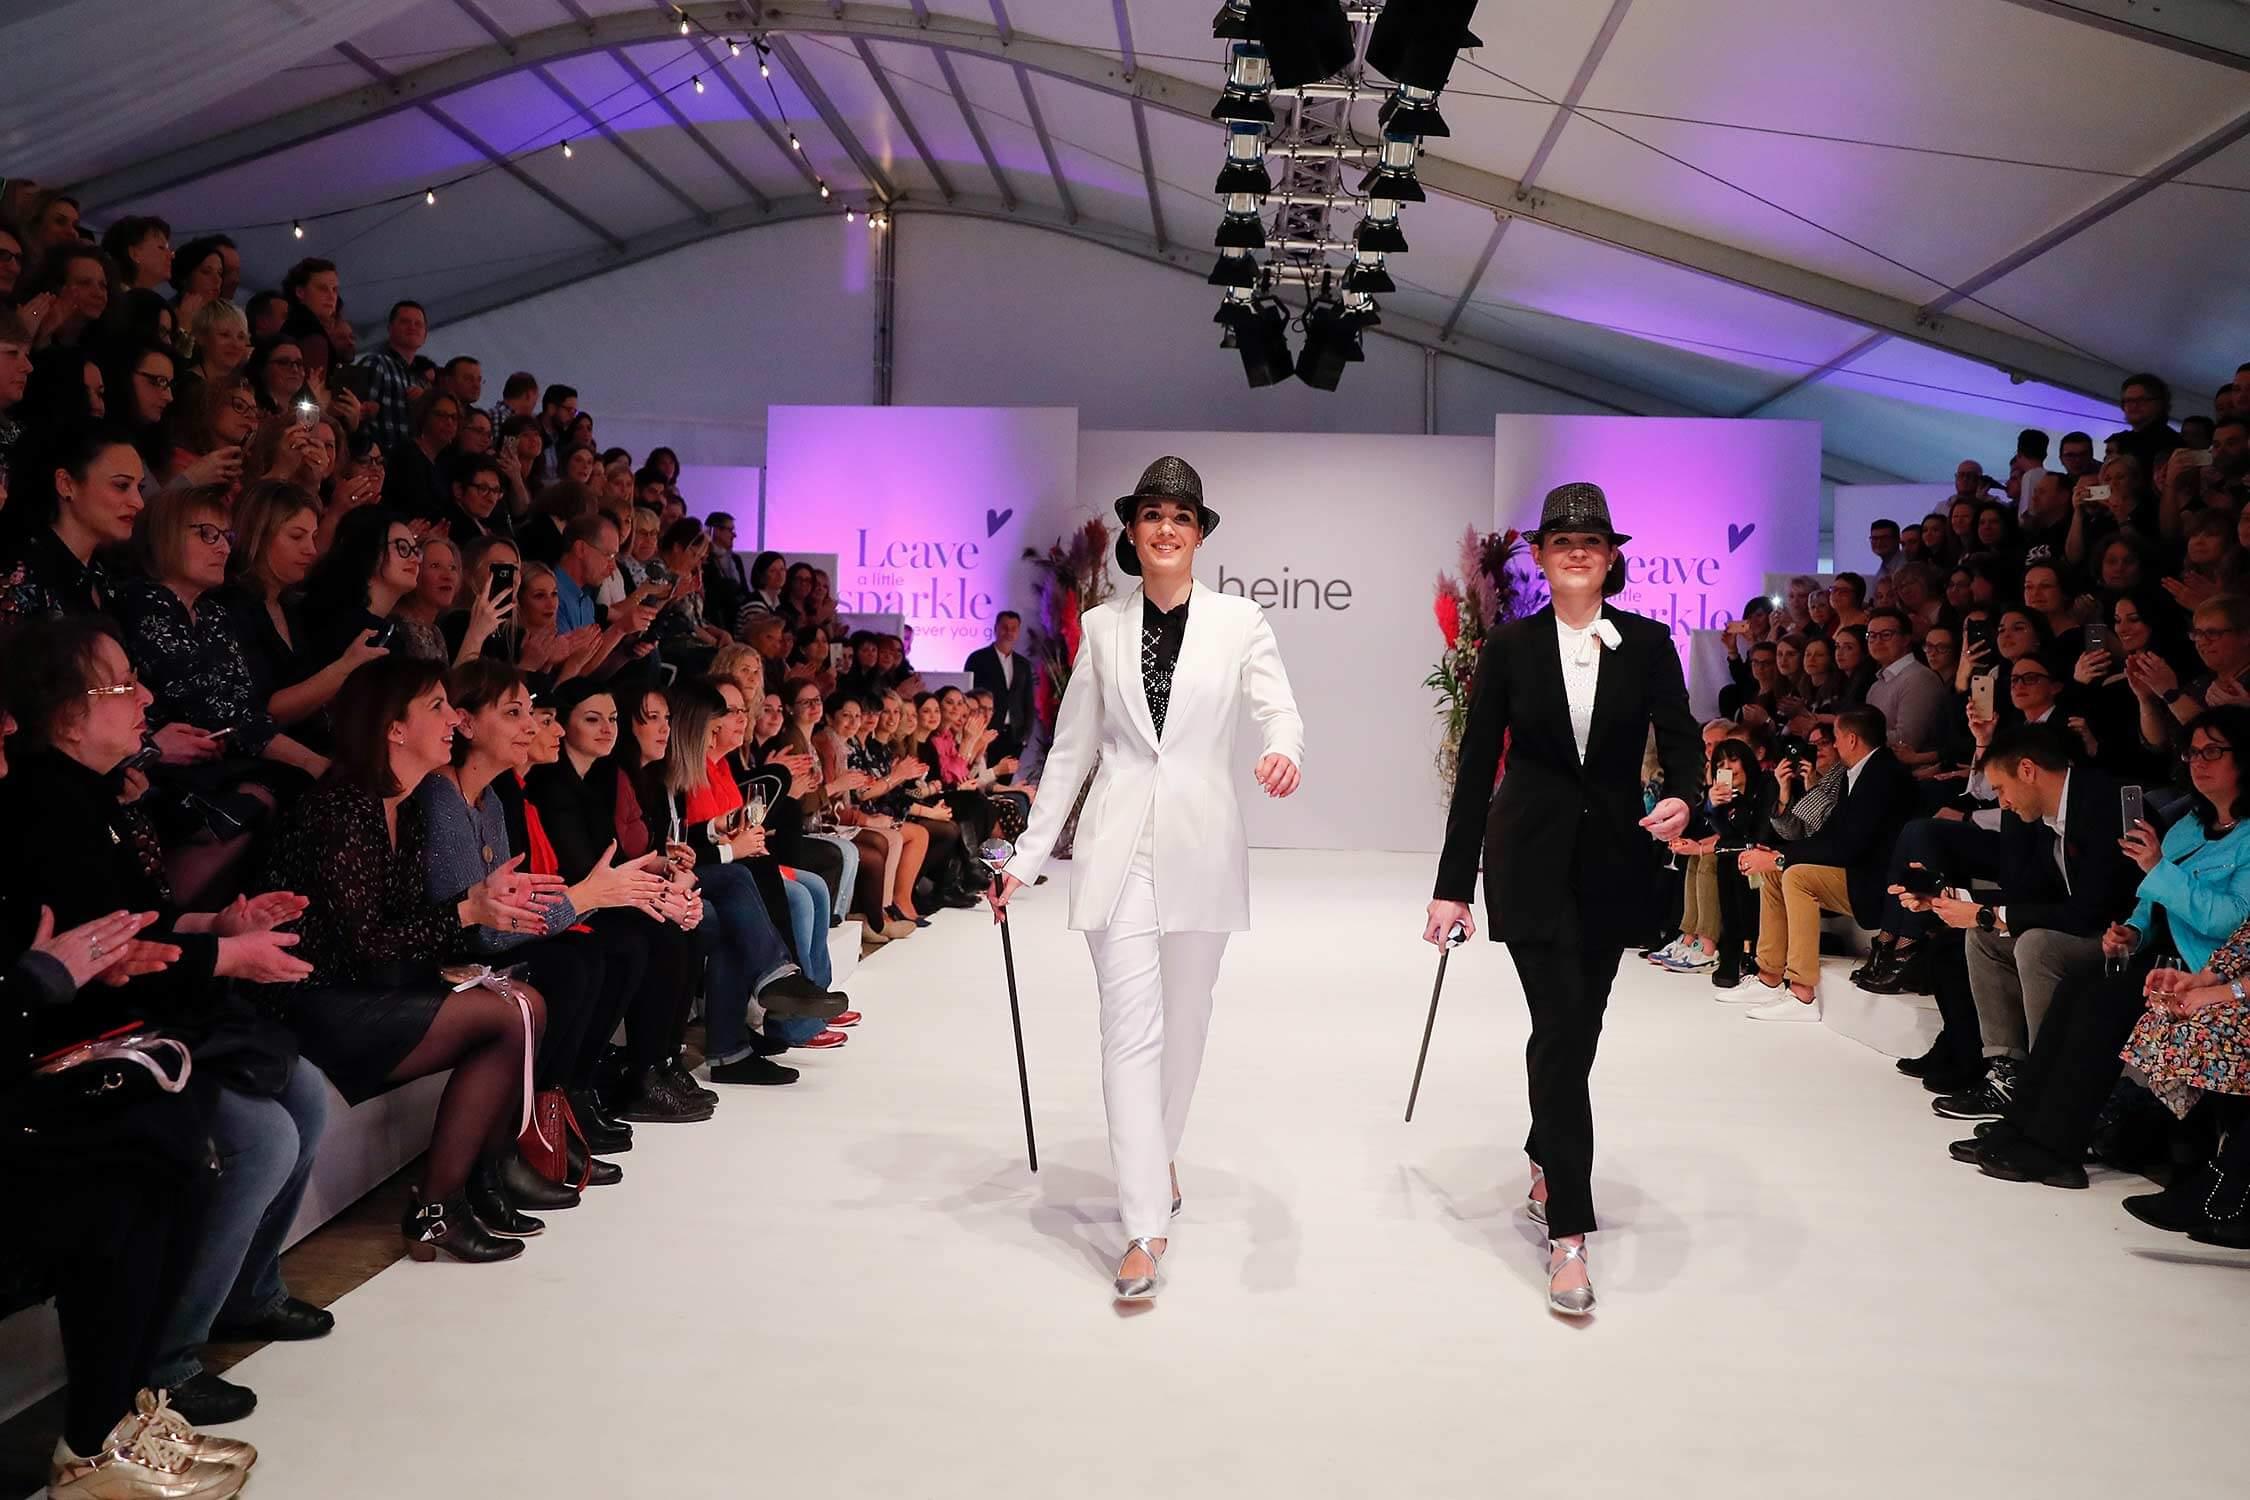 Eröffnungswalk des Fashion-Show